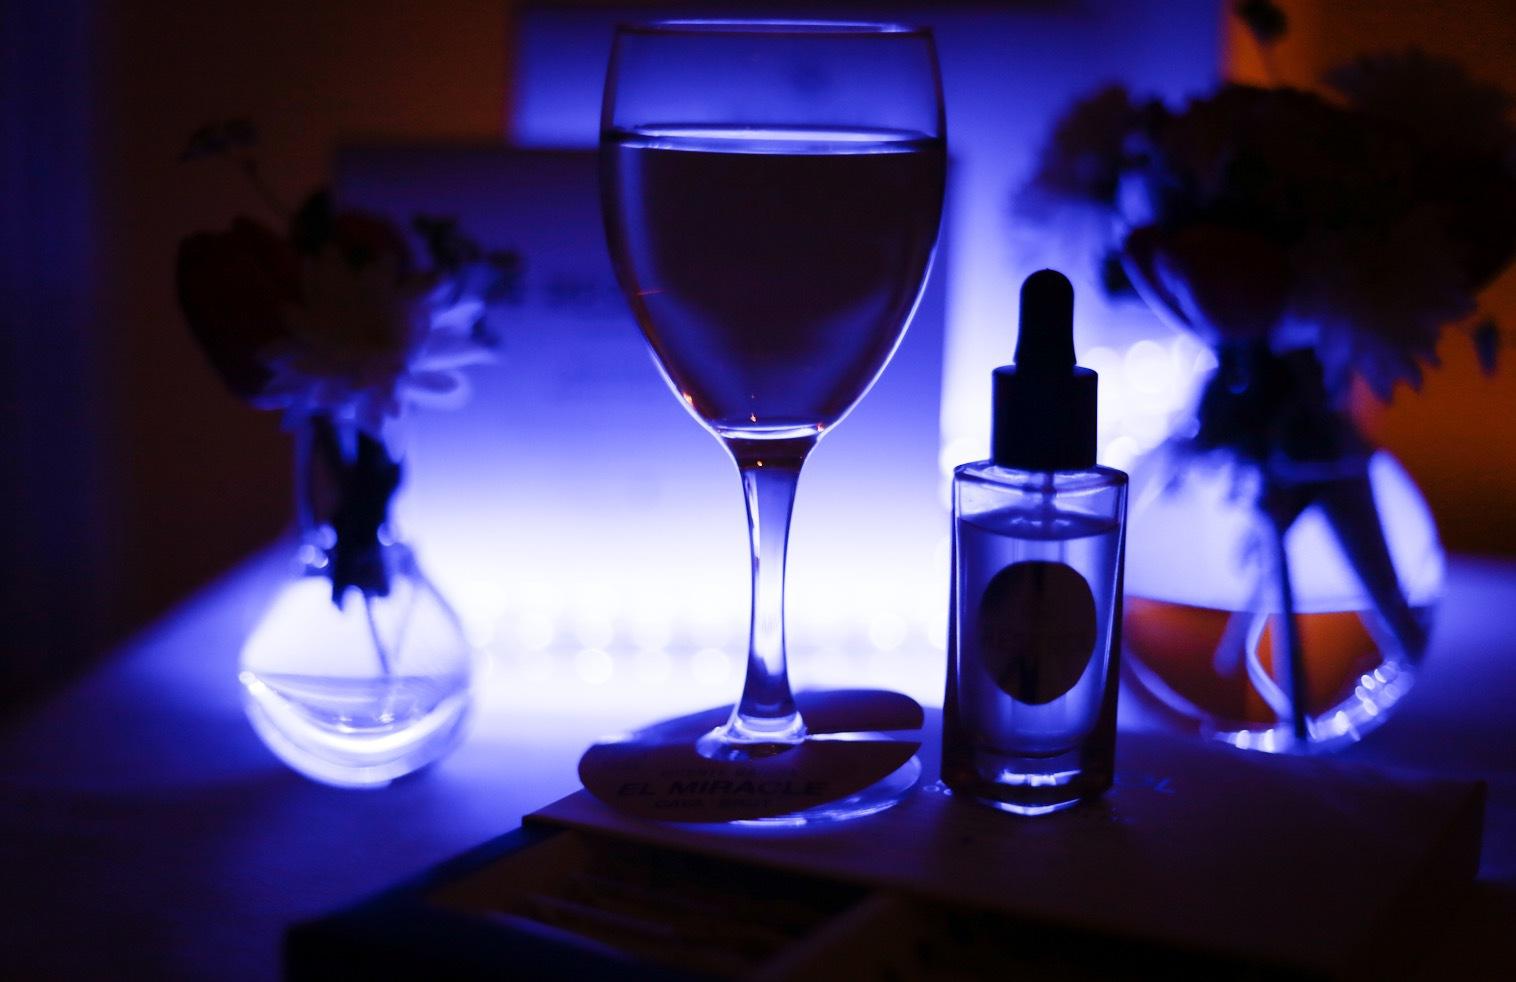 Reserol presenterade sin första utvärtes produkt. Ett serum. Det kommer i små ampuller. Ska bli spännande att prova.